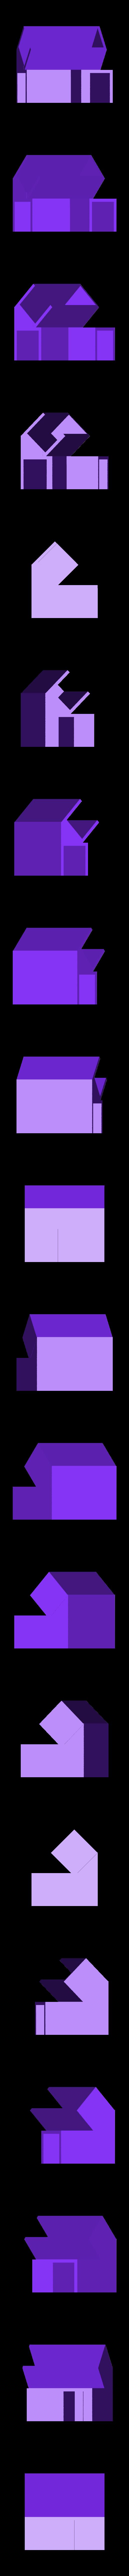 support kapla 45°fermé gauche.stl Télécharger fichier STL gratuit support pour jeu kapla • Modèle pour impression 3D, jerometheuil